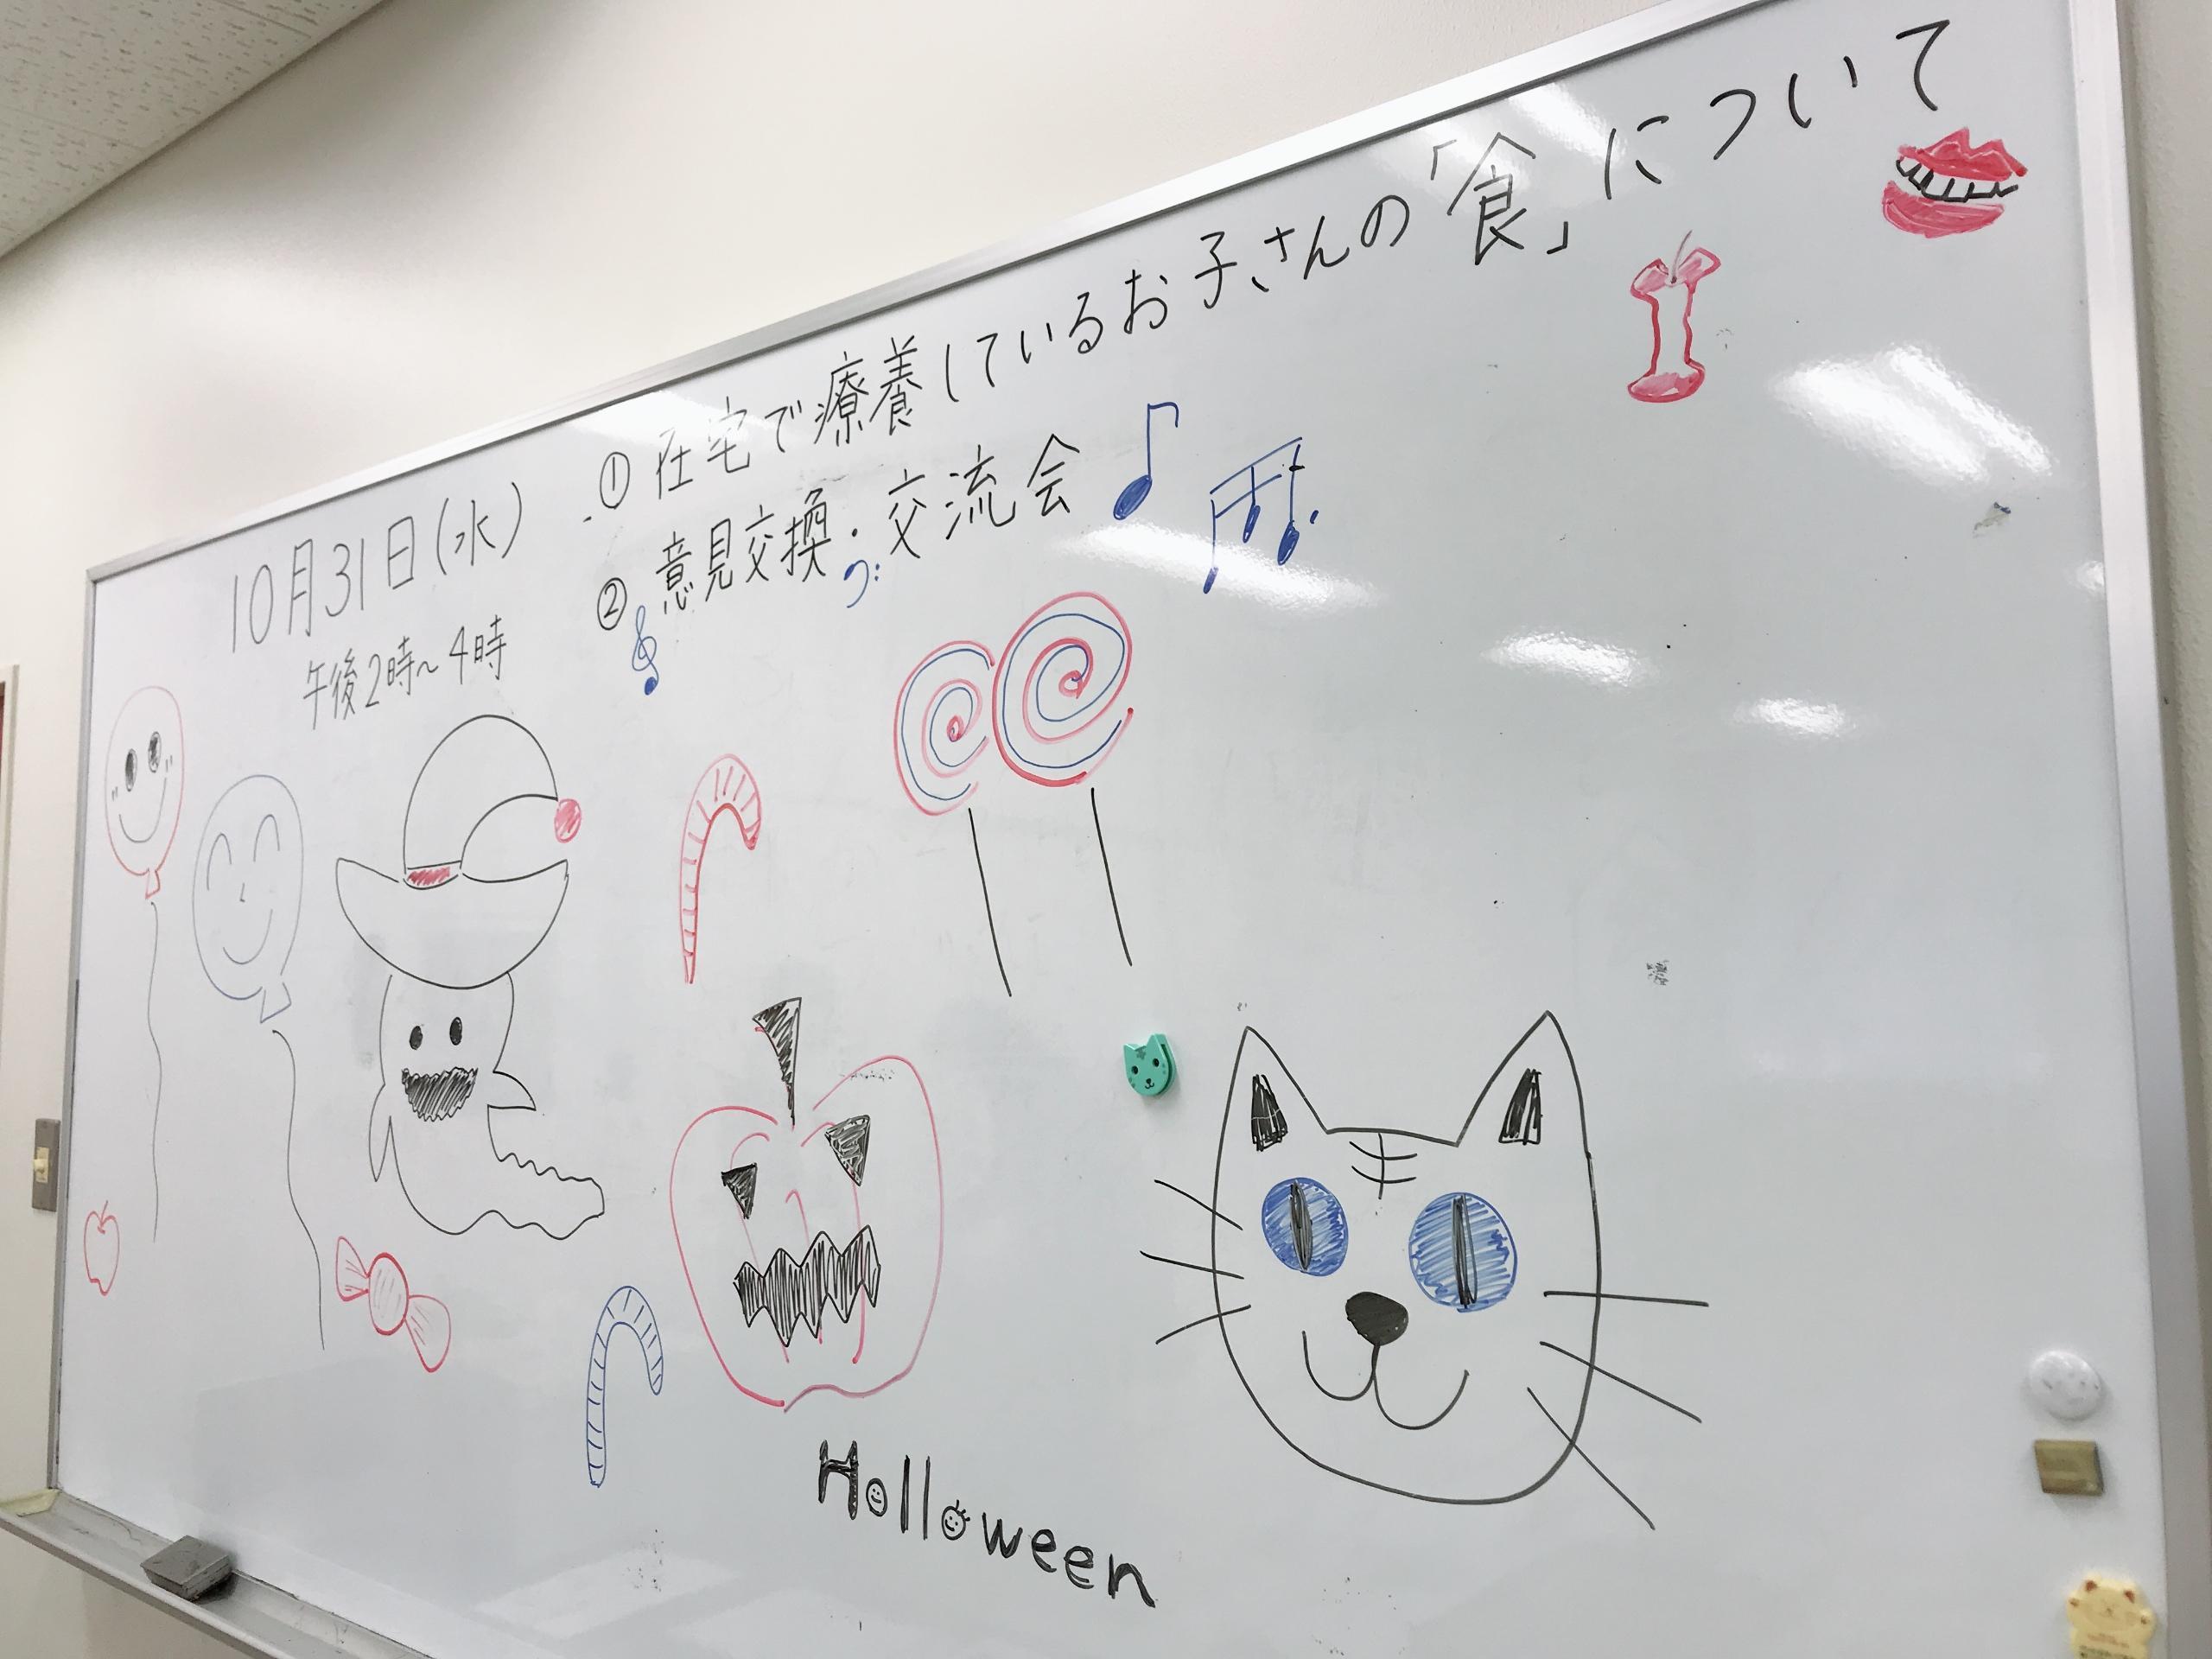 2018.10.31保健所ハロウィン2.JPG